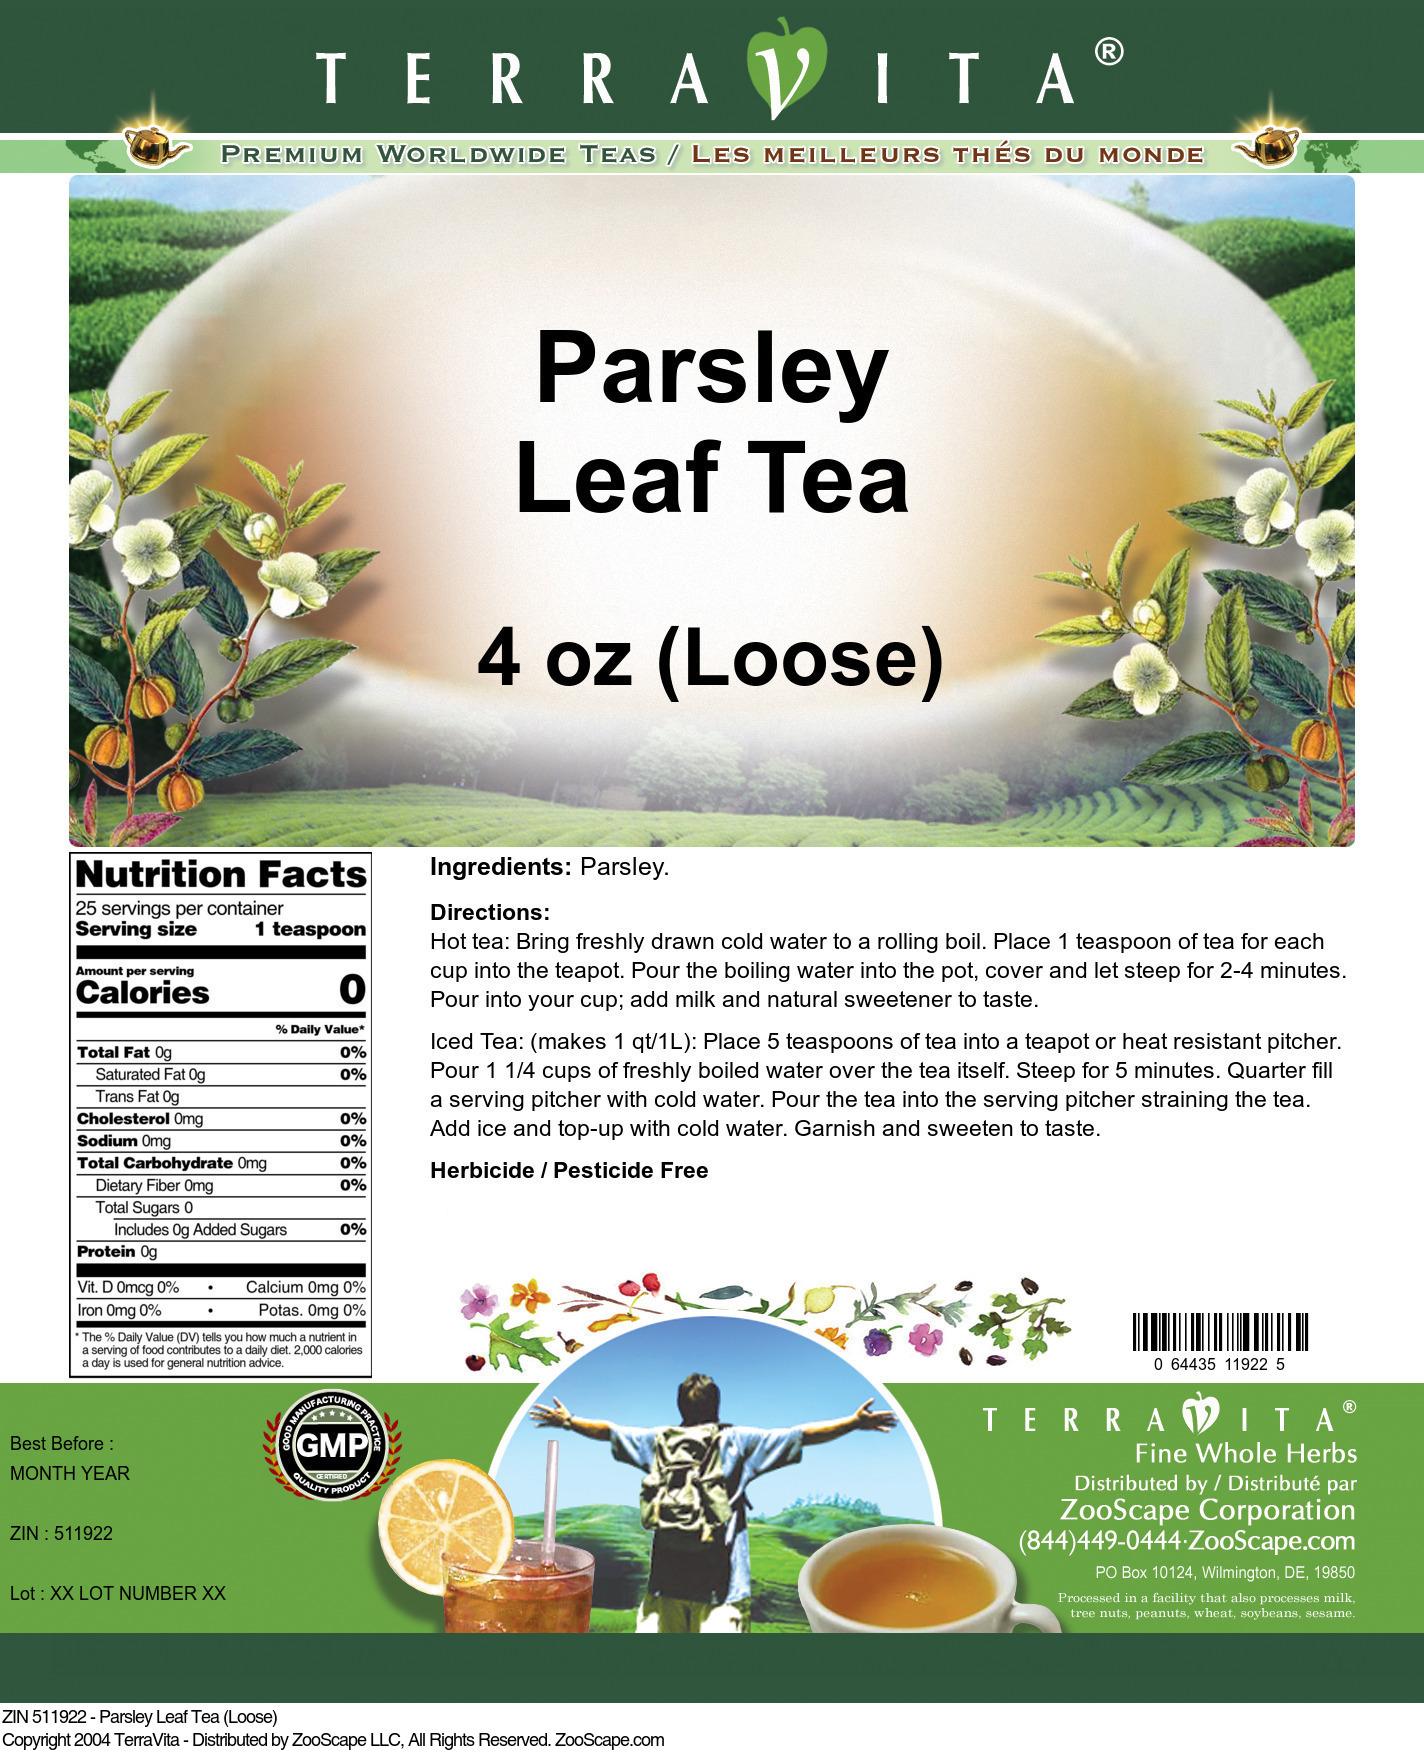 Parsley Leaf Tea (Loose)